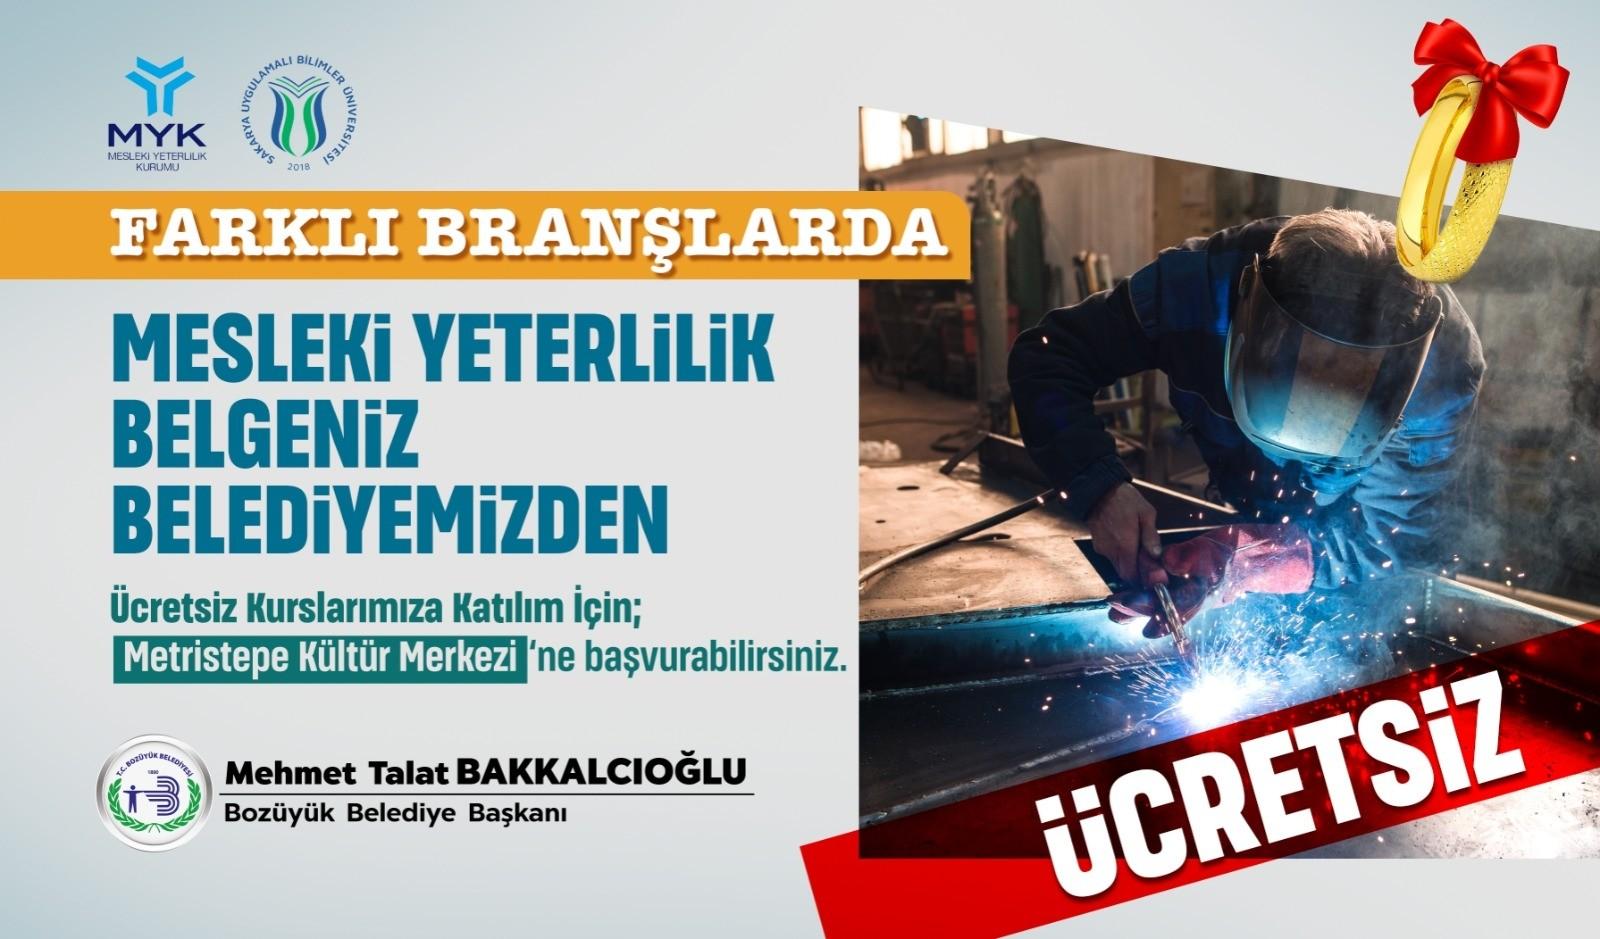 Bozüyük Belediyesi ücretsiz MYK başvuruları devam ediyor